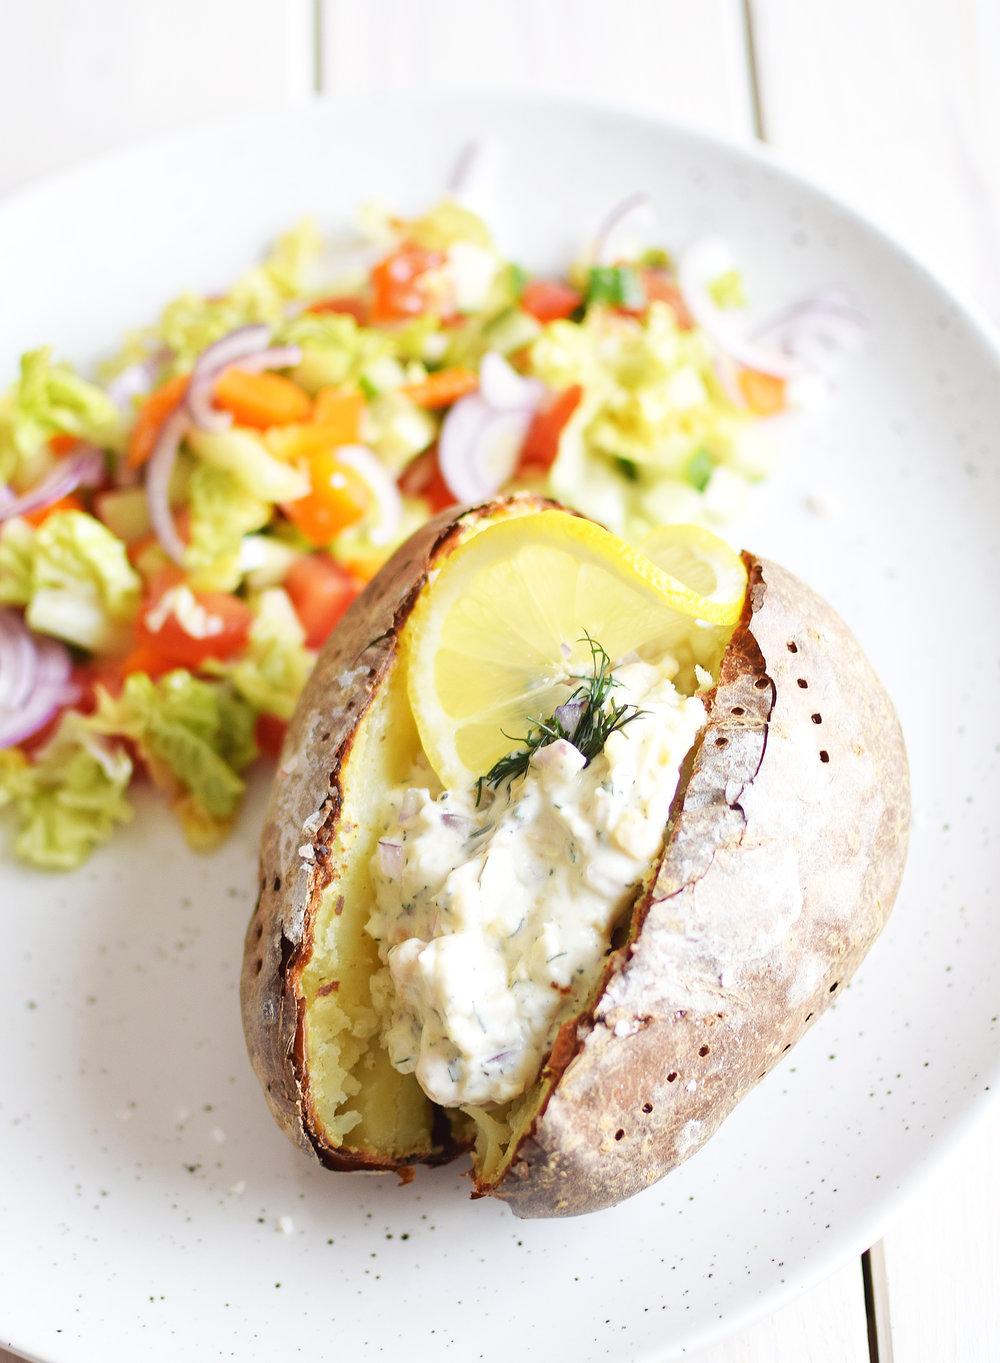 vegansk-skagenrora-bakad-potatis.jpg